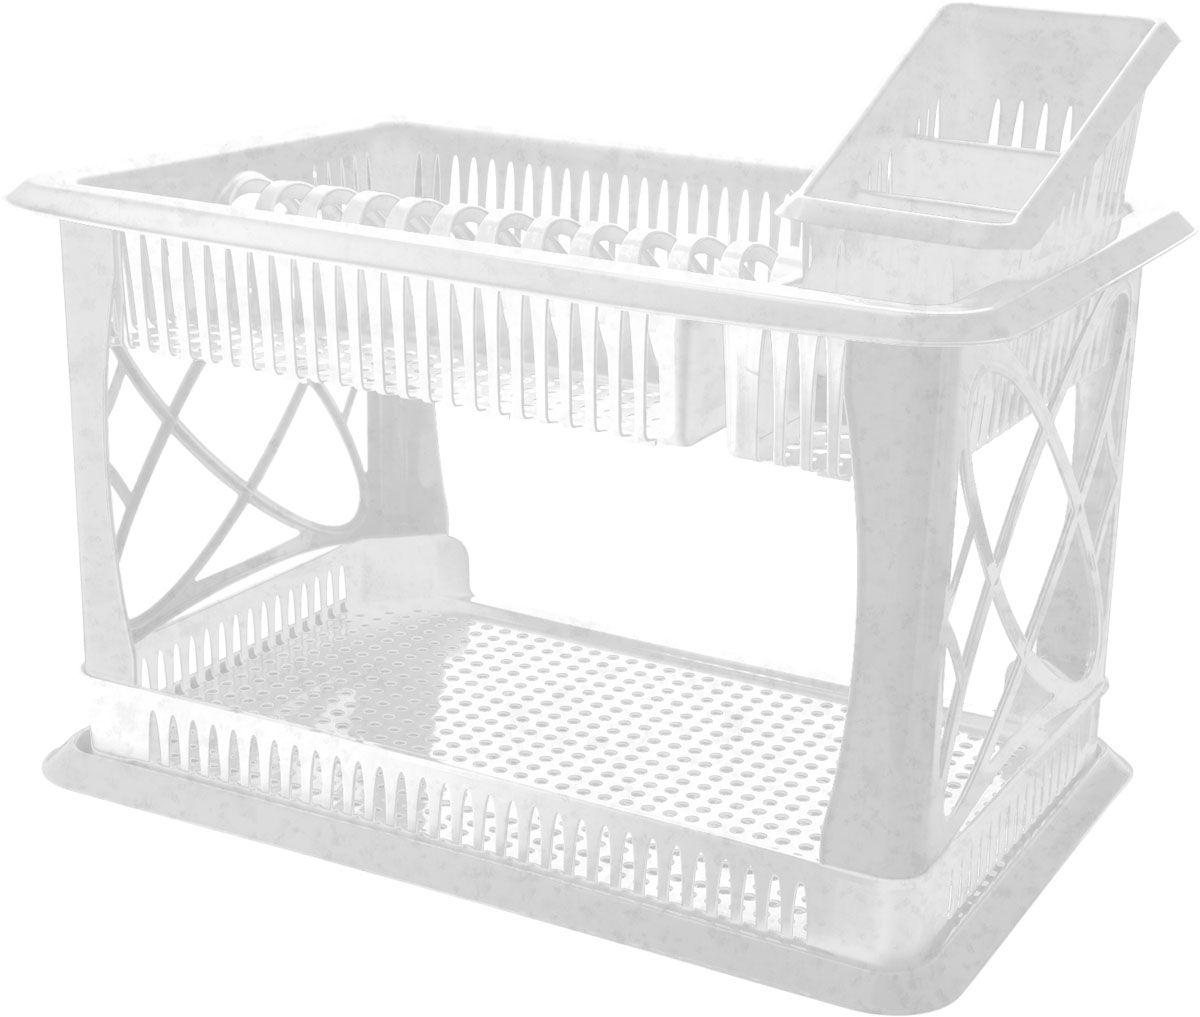 Сушилка для посуды Plastic Centre Лилия, 2-ярусная, с поддоном, с сушилкой для столовых приборов, цвет: мраморный, 49 х 17,5 х 32,5 смПЦ1558ГЛПДвухъярусная сушилка для посуды выполнена из пластика. Изделие оснащено поддоном для стекания воды и подставкой для столовых приборов и стаканов. Сушилка может быть установлена как на столе, так и подвешена на стену при помощи крючков (не входят в комплект). Размер сушилки (с учетом подставок): 49 х 17,5 х 32,5 см.Размер поддона: 47 х 30 х 2,5 см.